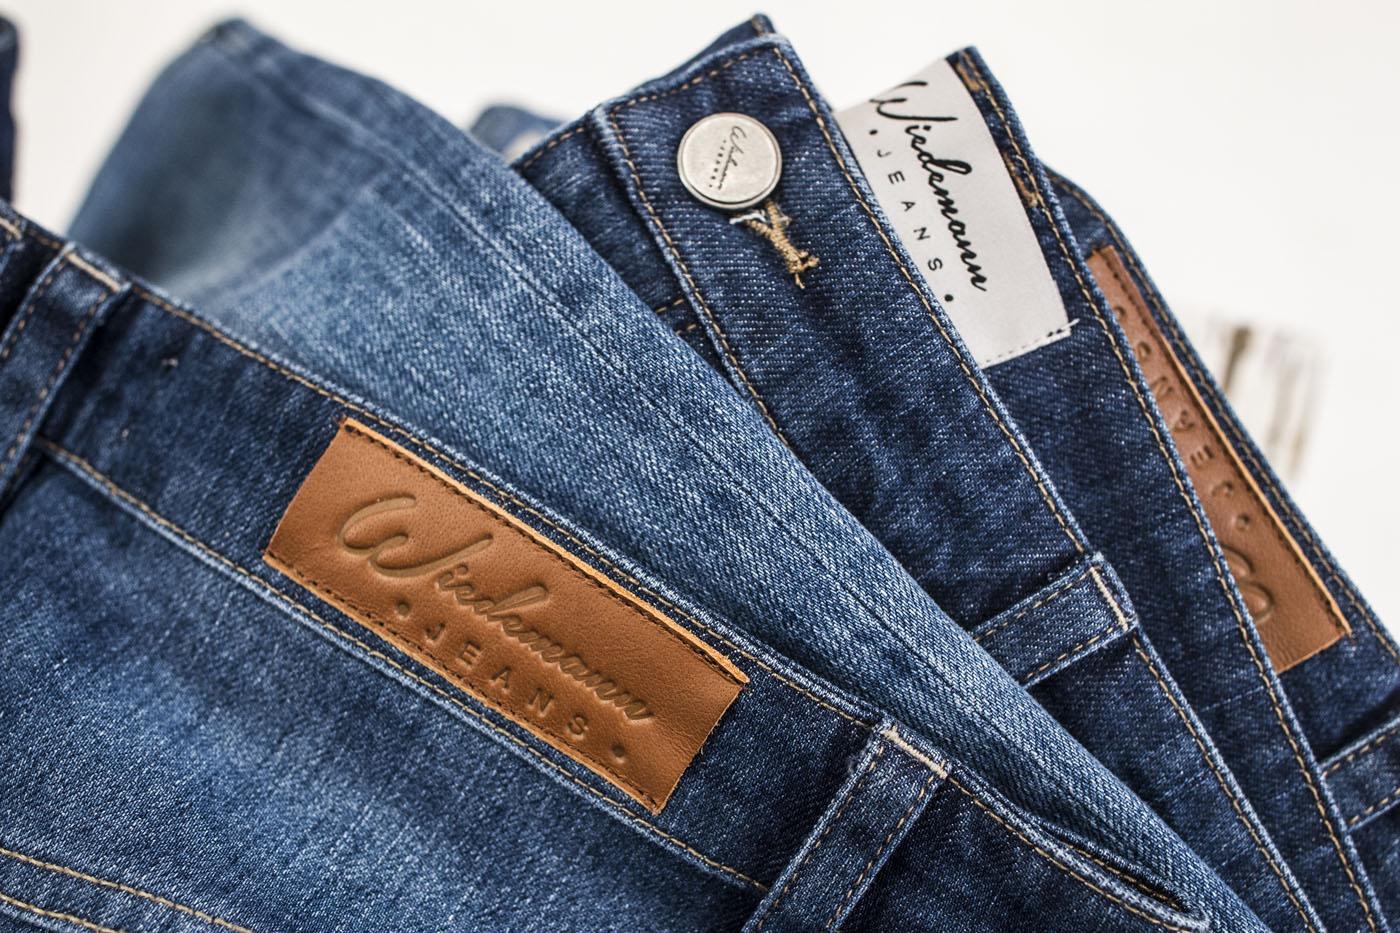 wiedemann-jeans-tallmen-00007